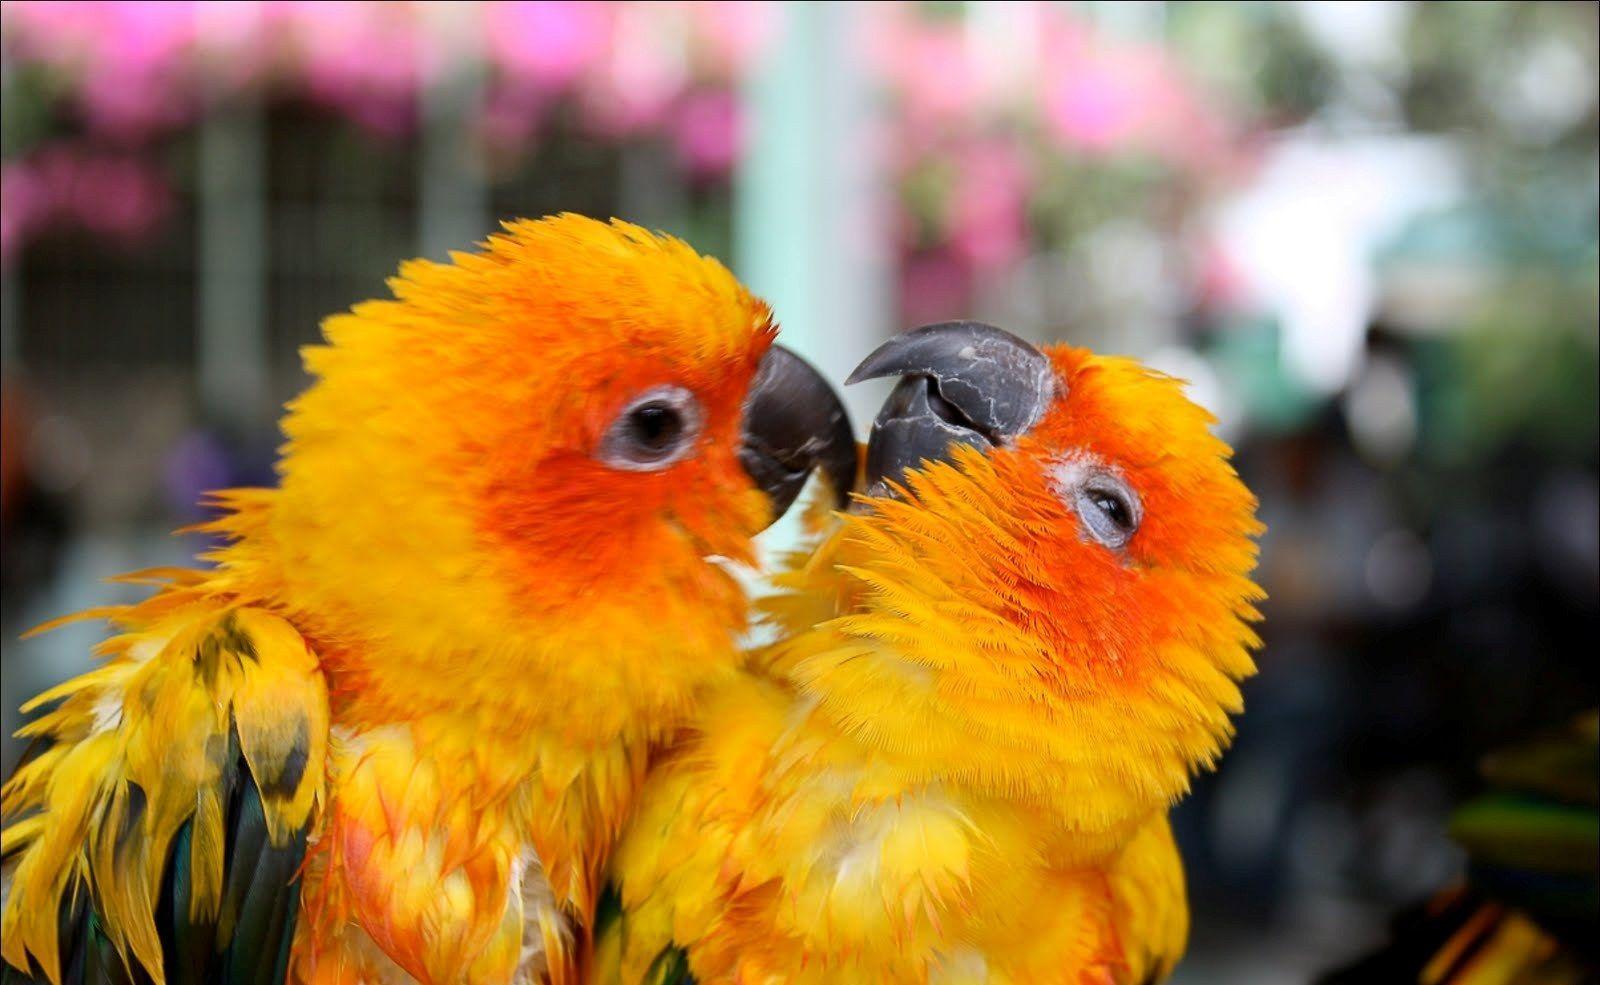 Cute Bird Wallpapers Top Free Cute Bird Backgrounds Wallpaperaccess